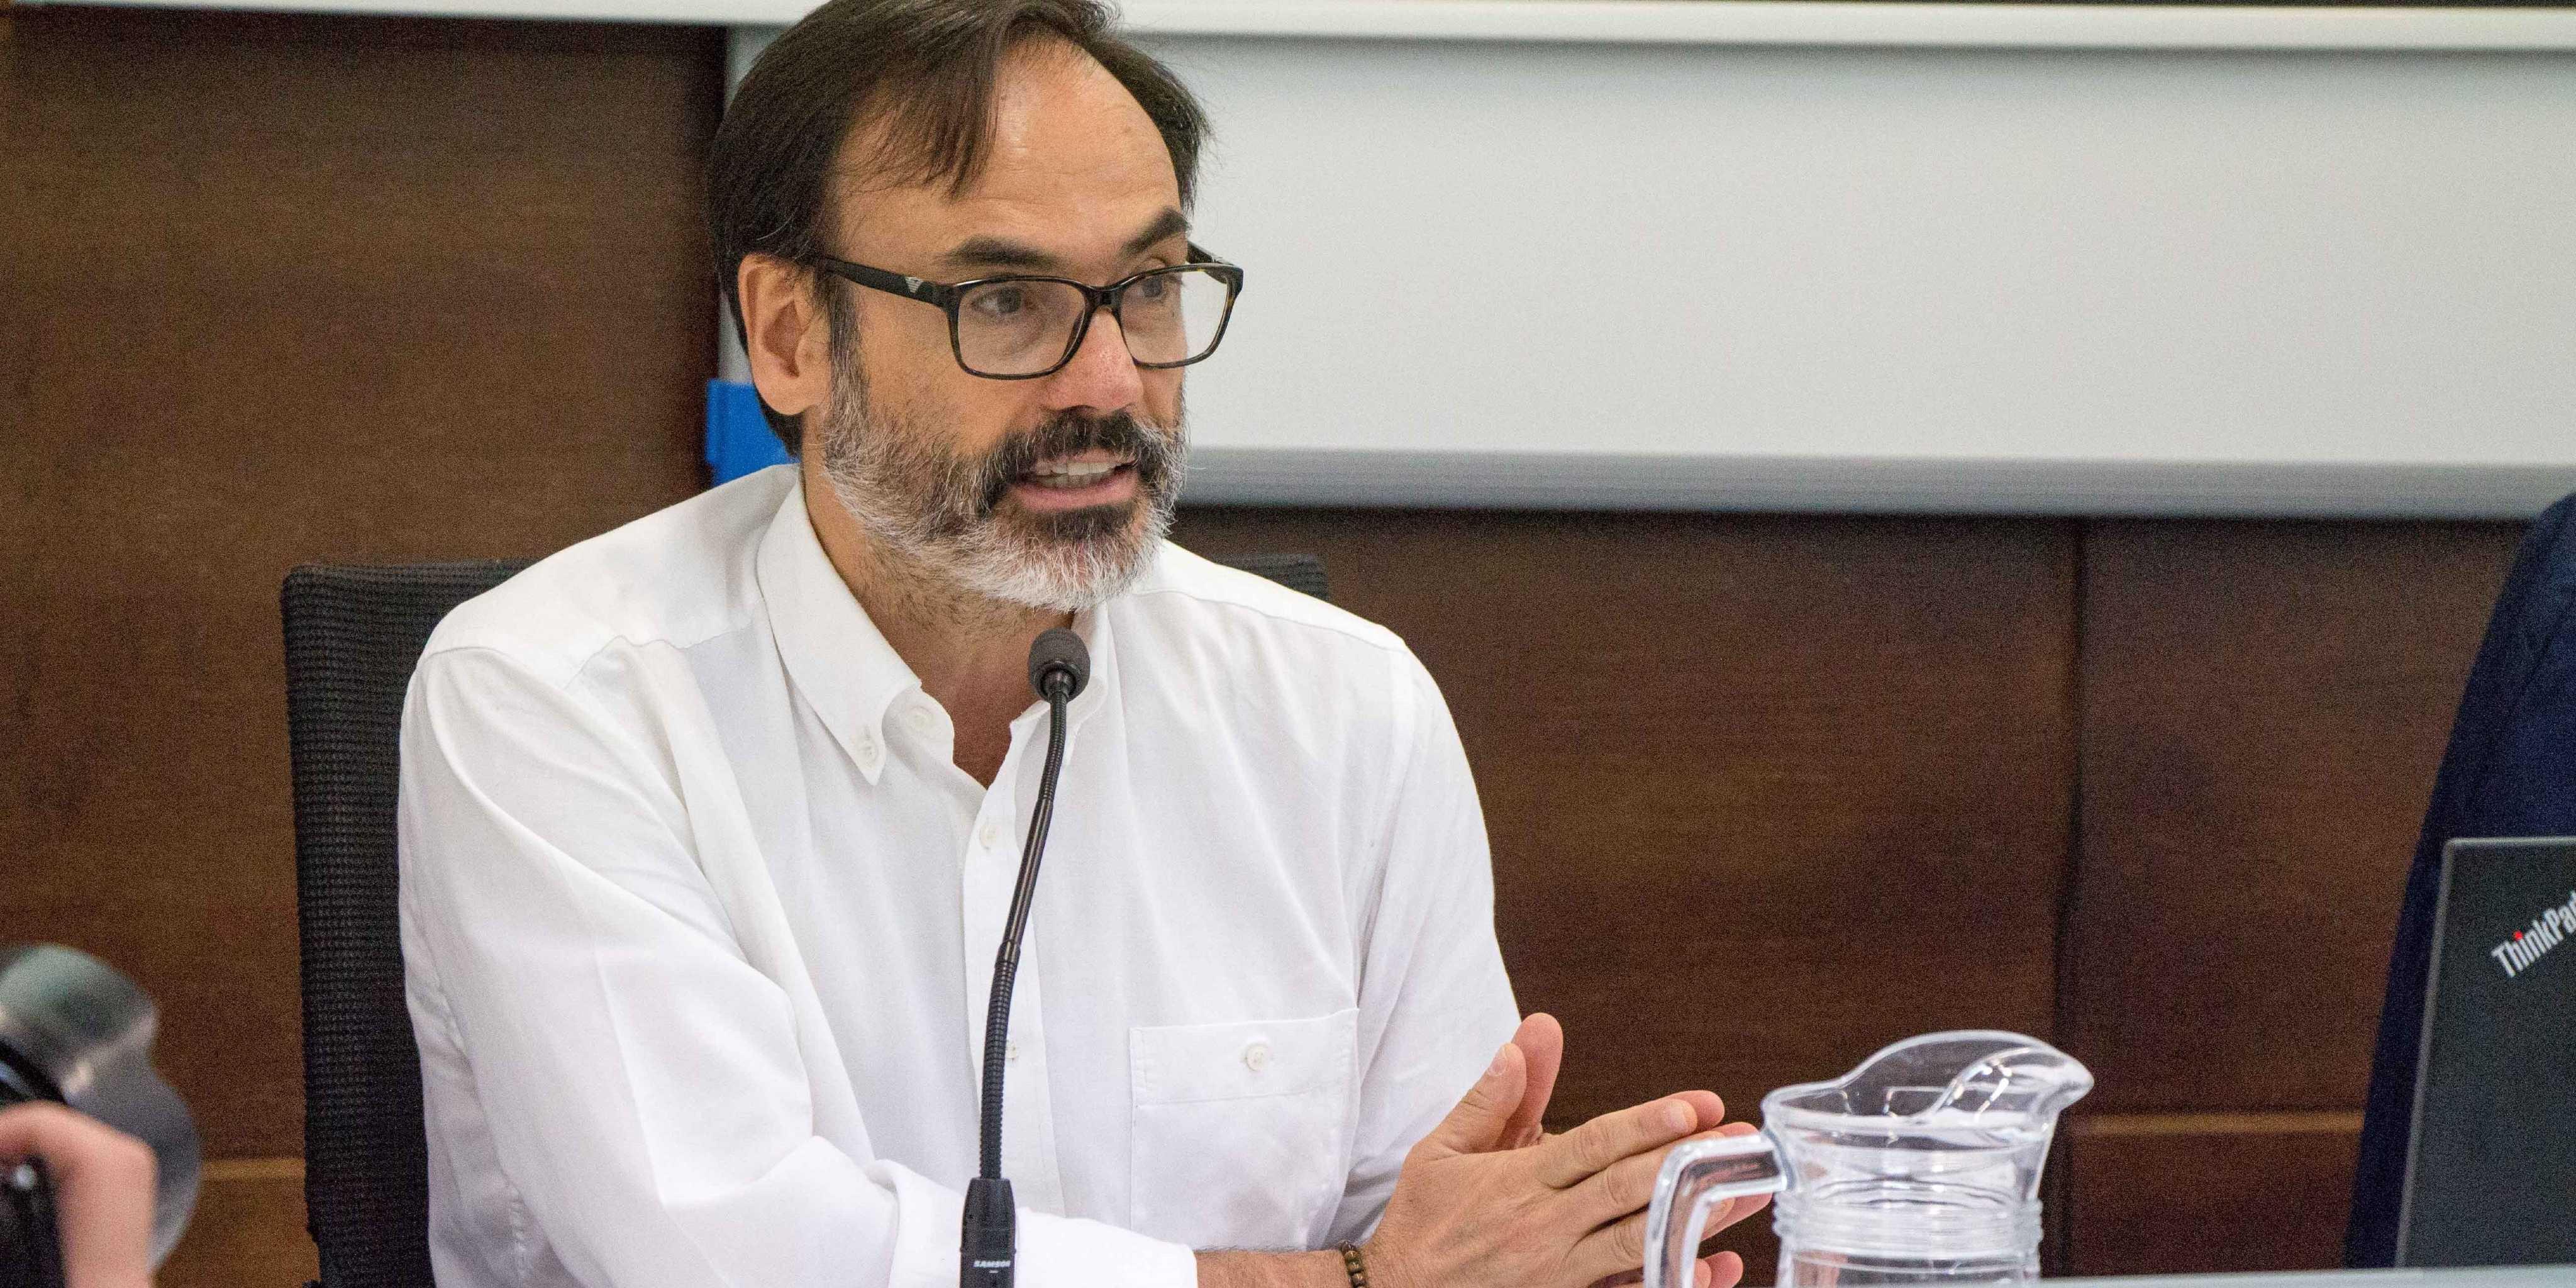 Fernando Garea salió de Efe enfrentado con Moncloa. / EP